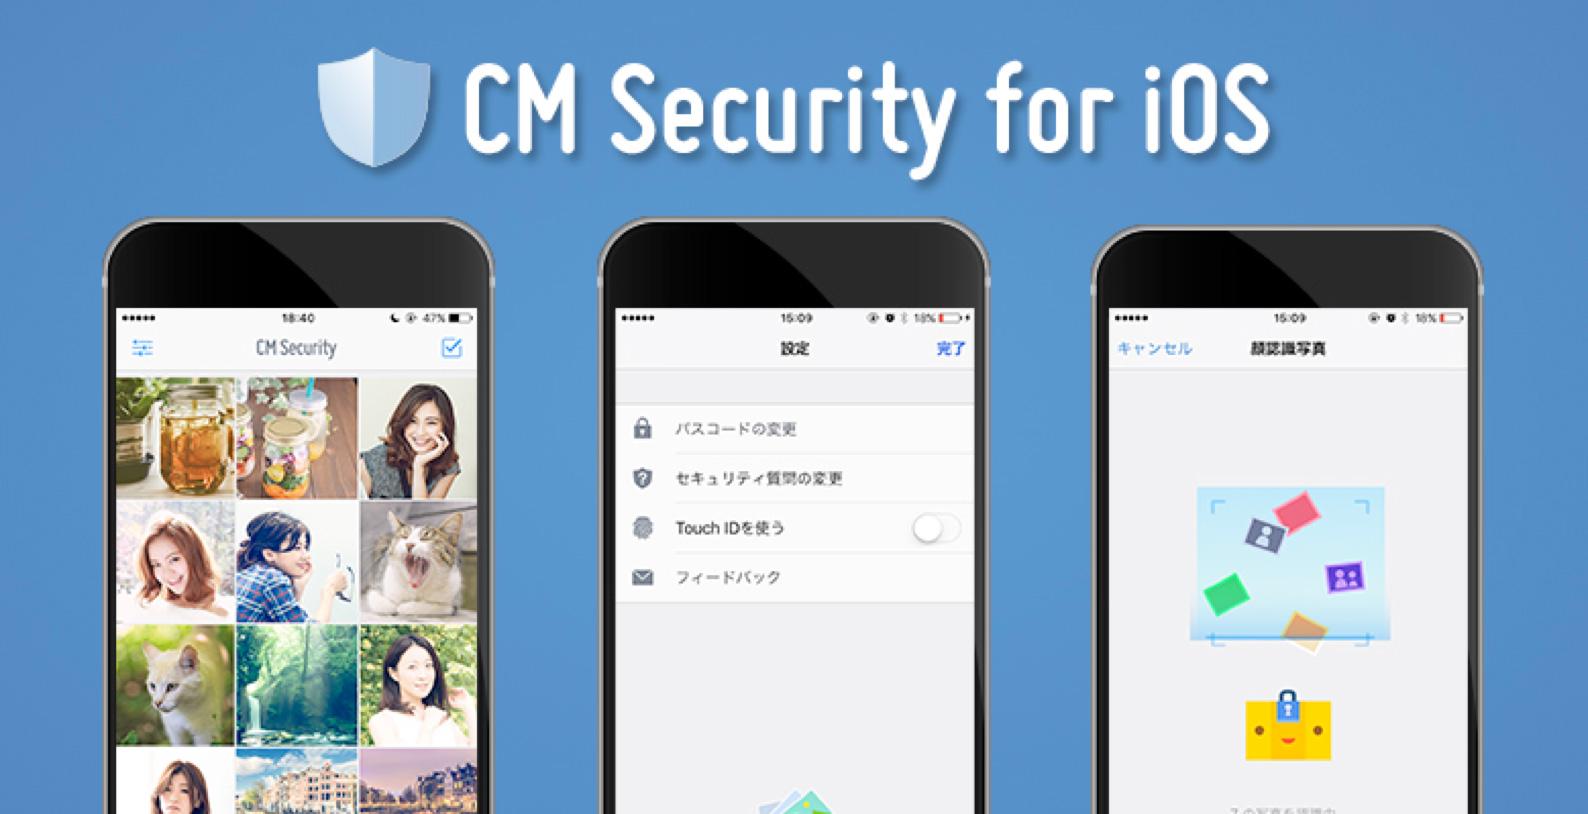 キングソフト、iOS向けセキュリティアプリ『CM Security for iOS』リリース。顔認識機能搭載で「写真の保